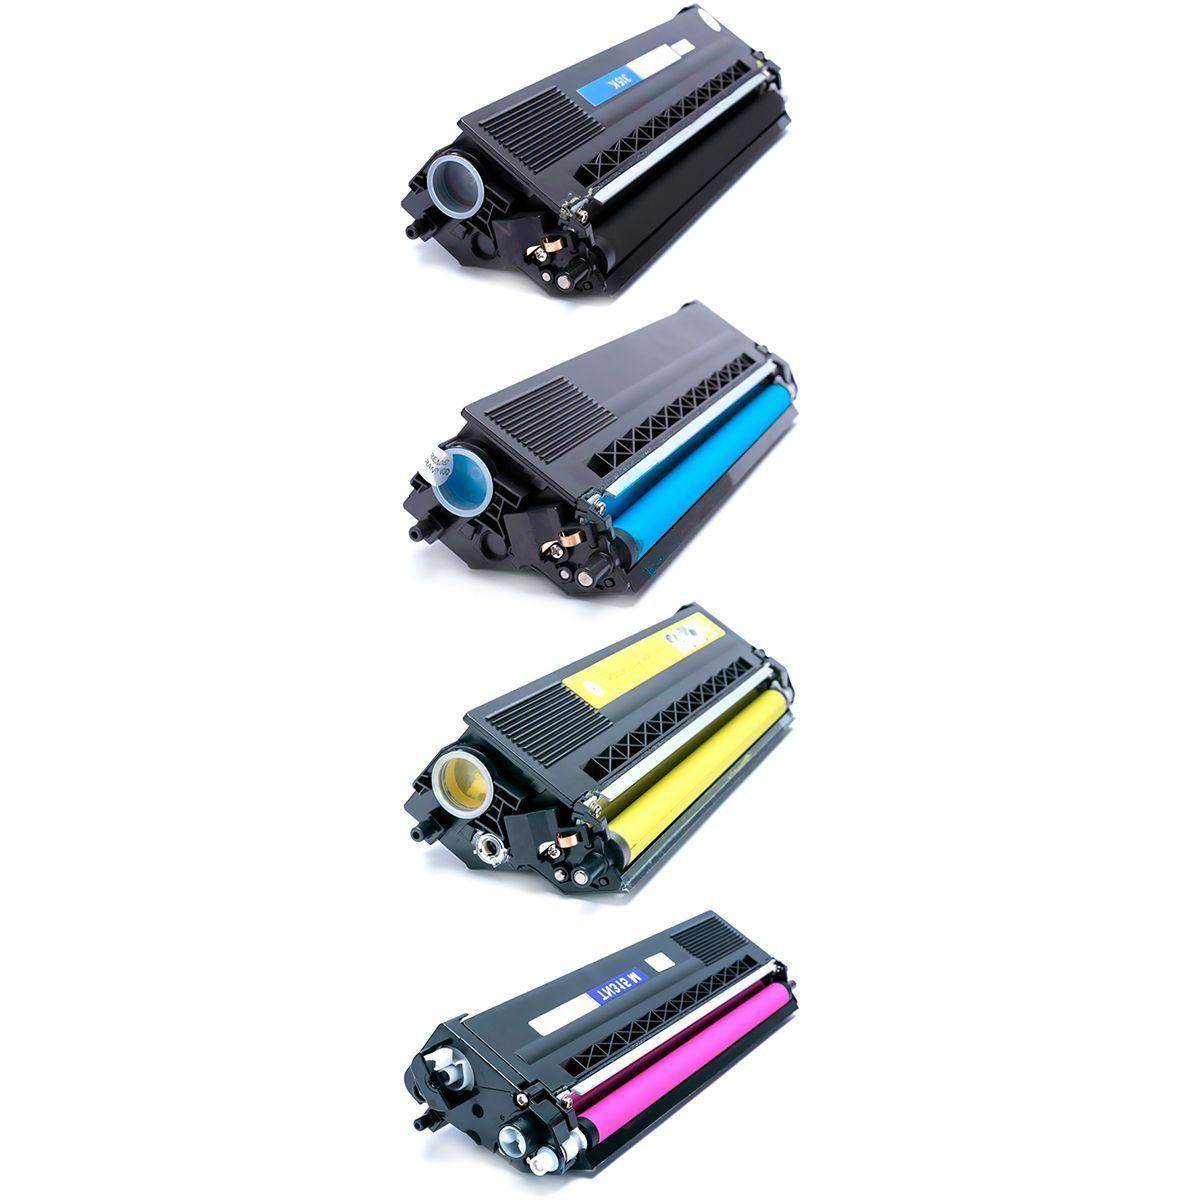 Compatível: Kit Colorido de Toner TN310 TN315 para Brother MFC-9460cdn MFC-9560cdw HL4570 HL4140cn 4150cdn 4570cdw